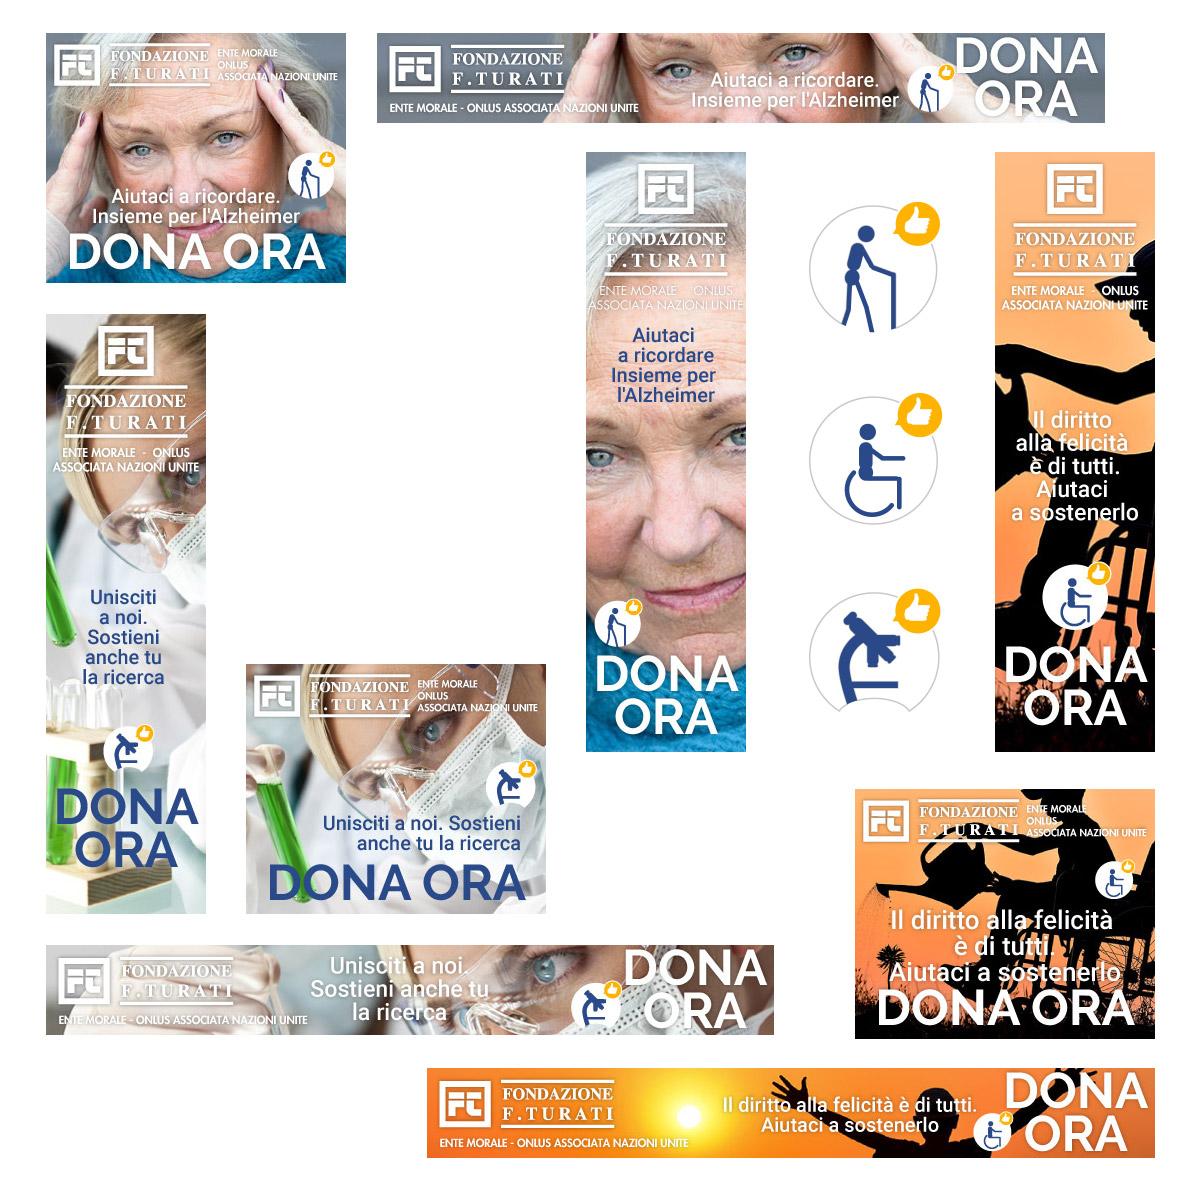 Campagna Google – Fondazione Turati